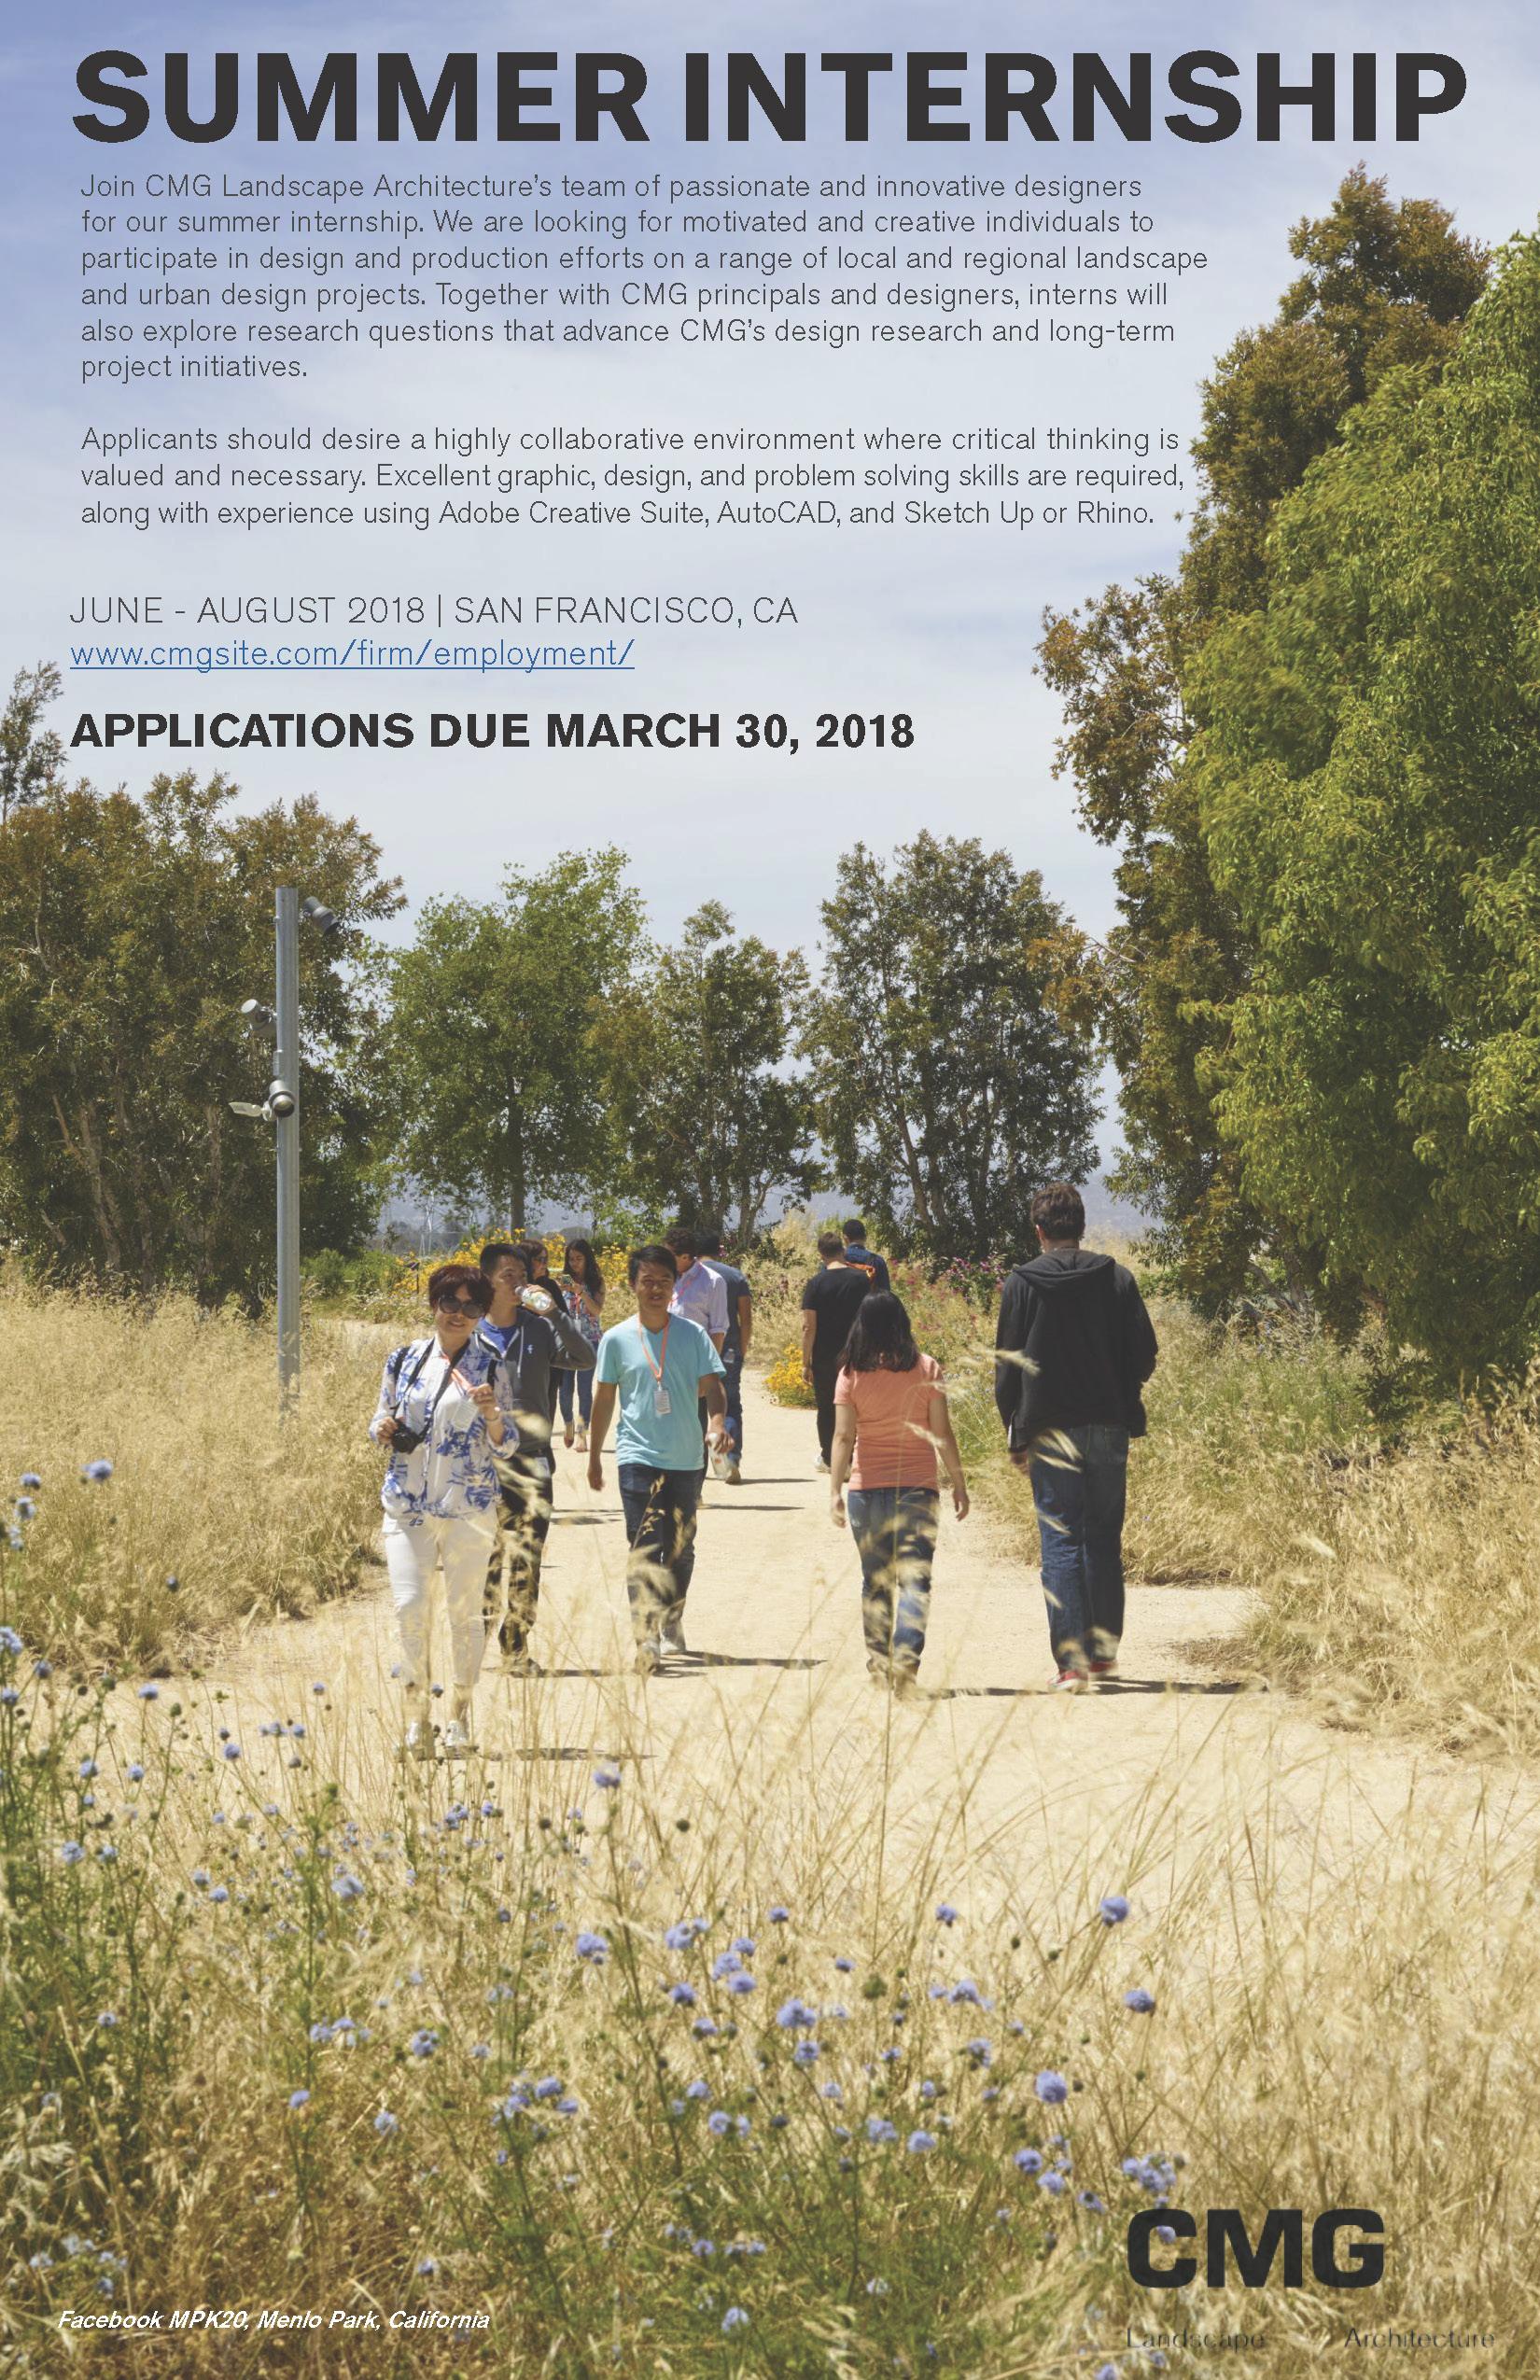 internships umass jobs summer internship landscape architecture amherst